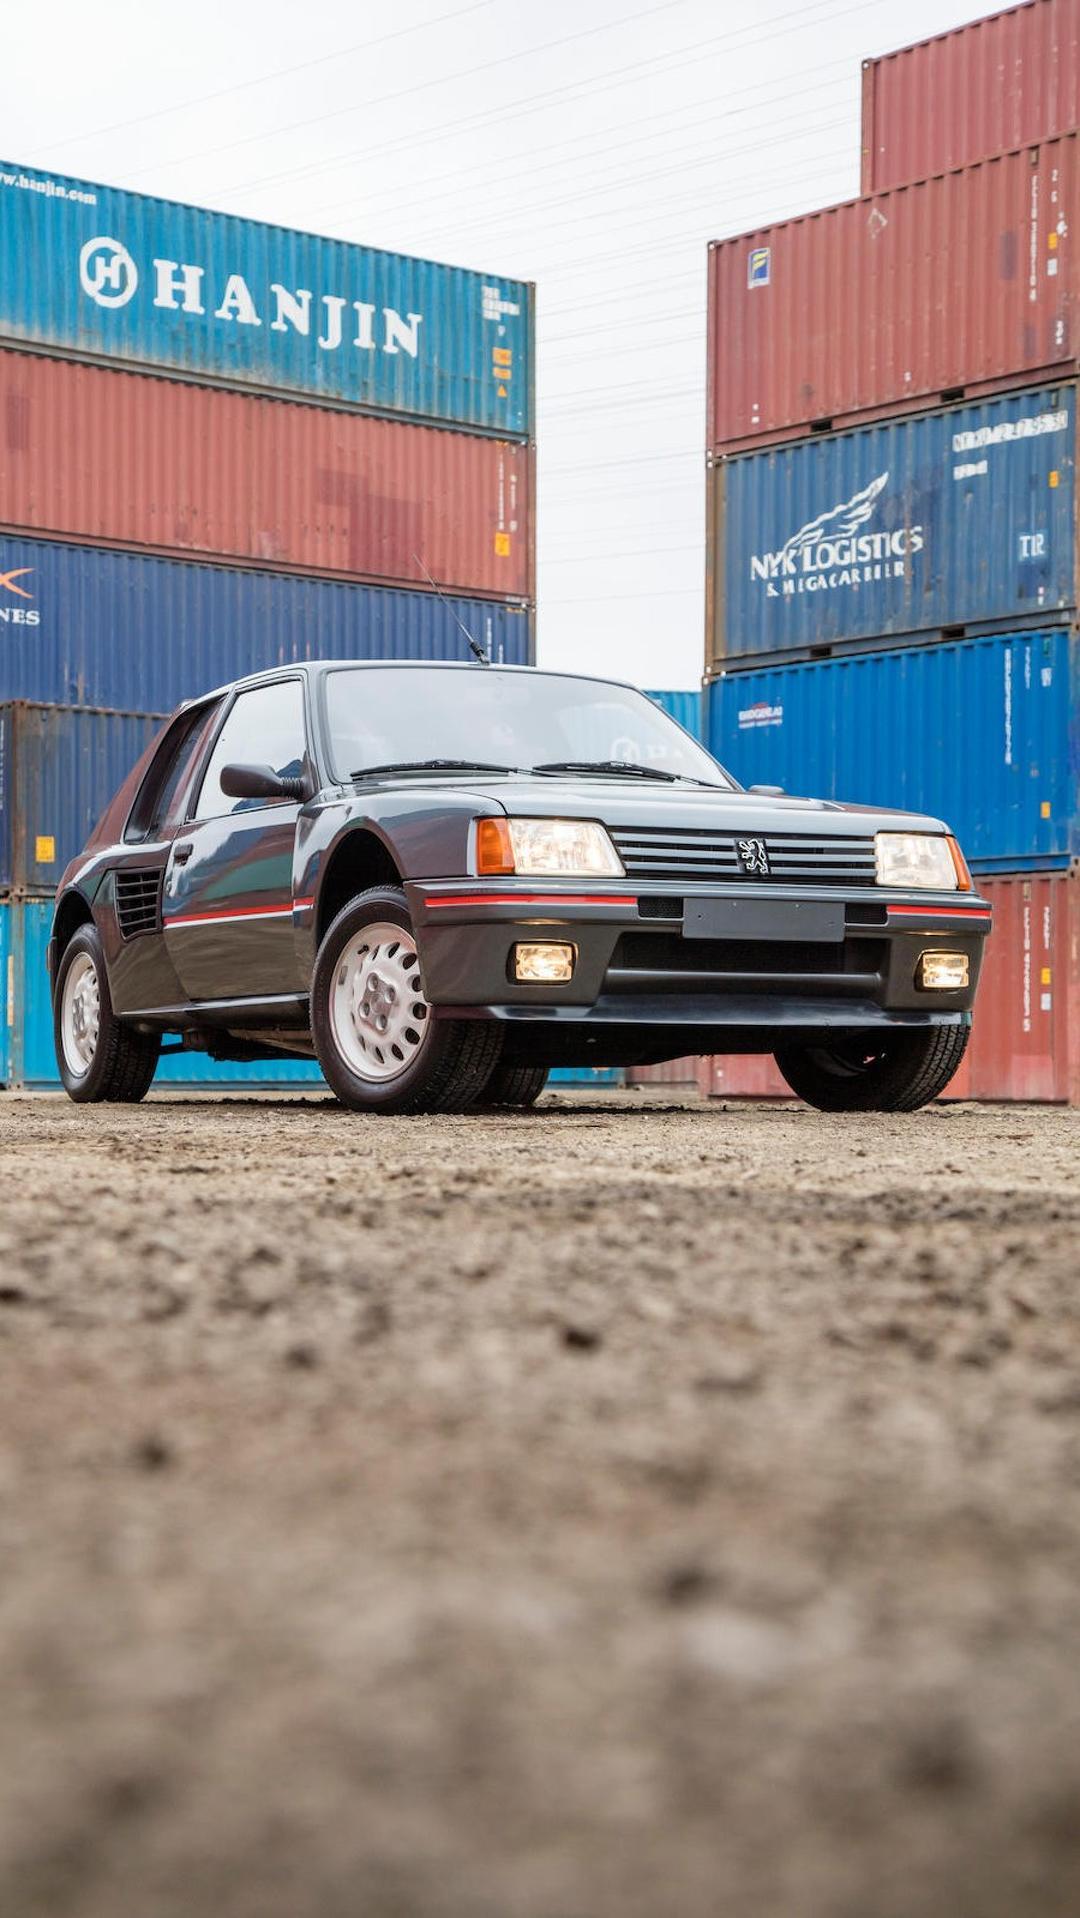 1985_Peugeot_205_Turbo_16_04